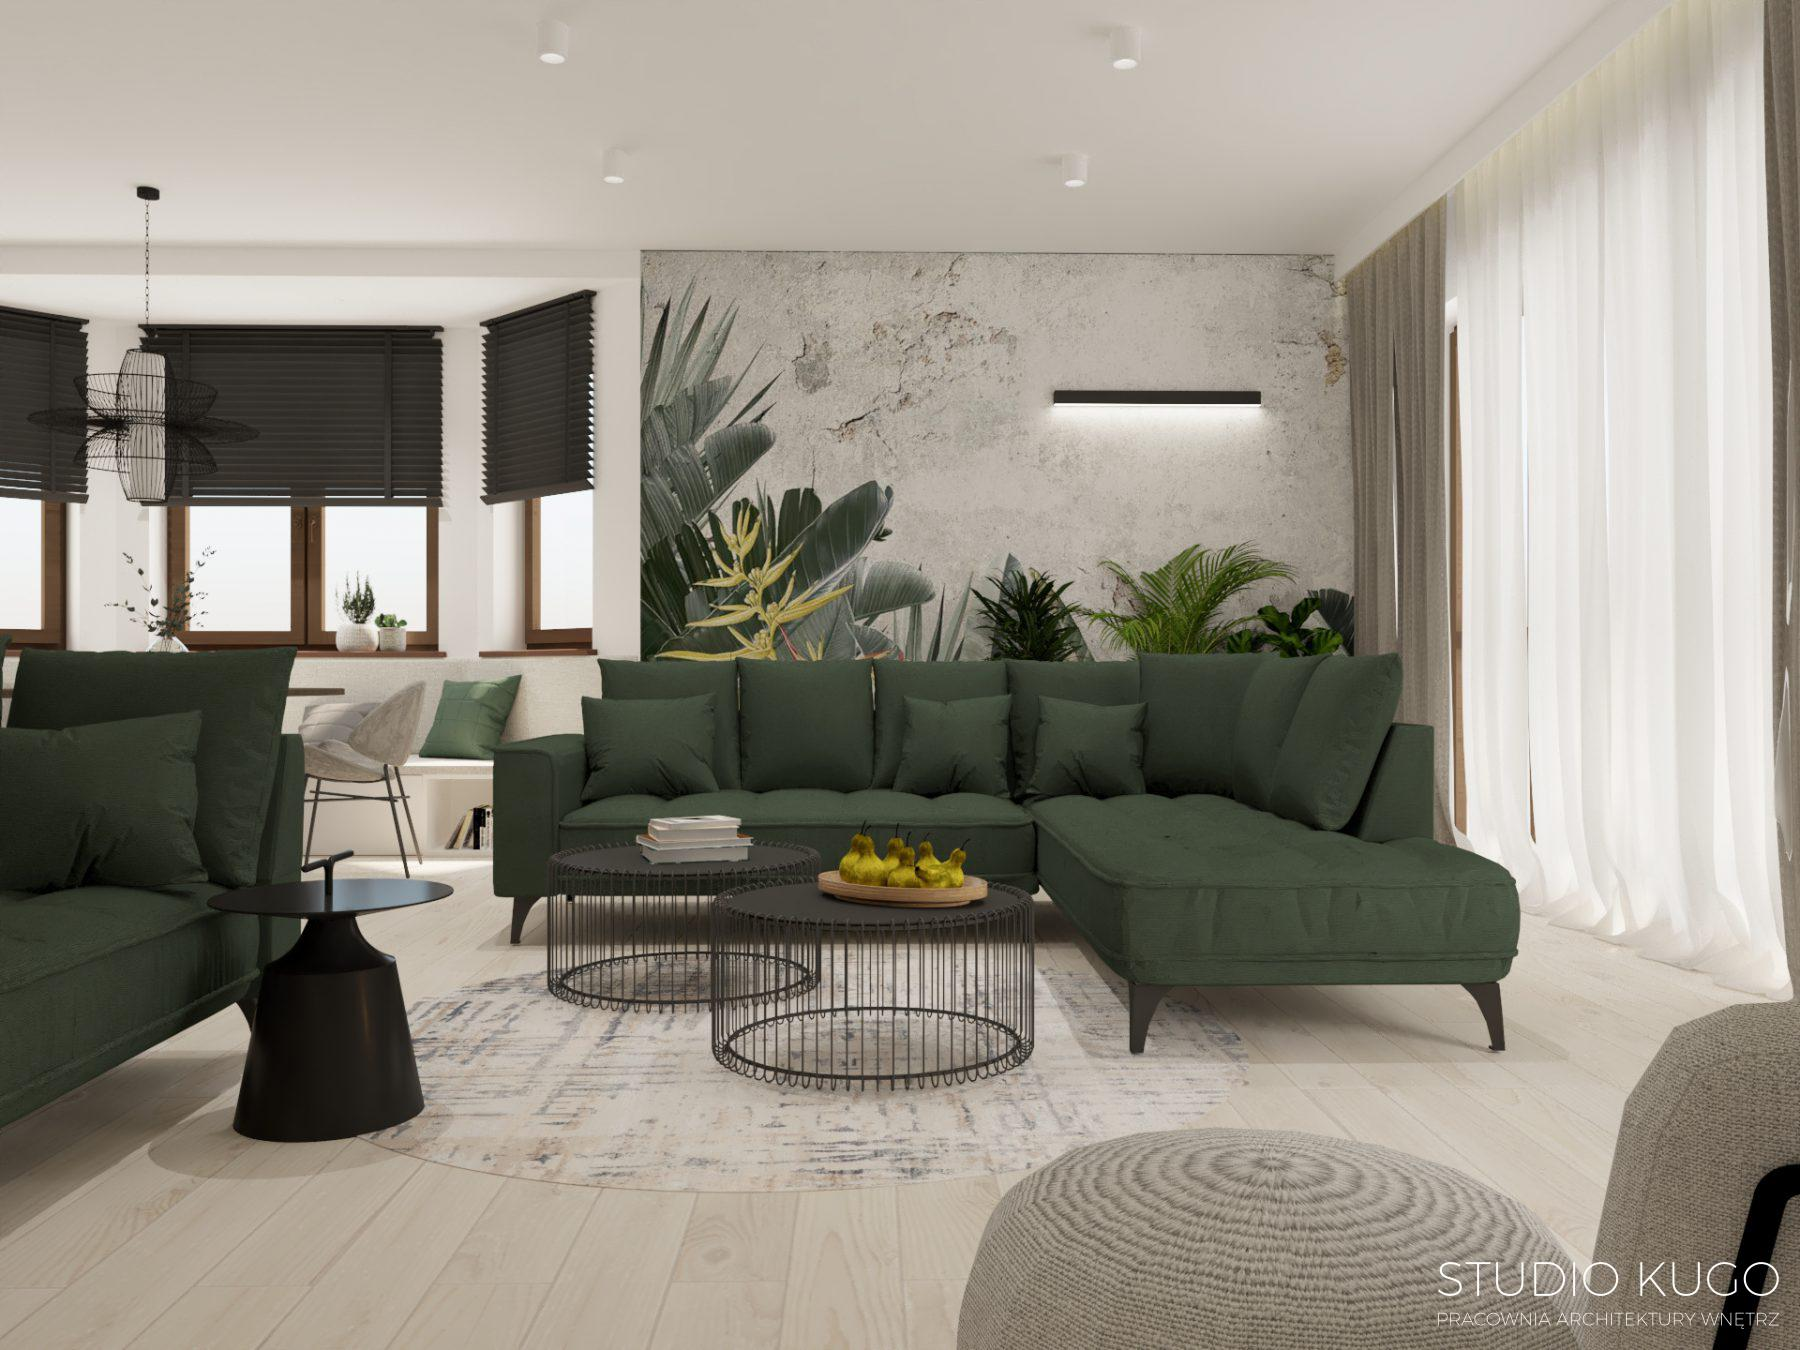 Salon w kolorach ziemi z zieloną sofą i leżanką